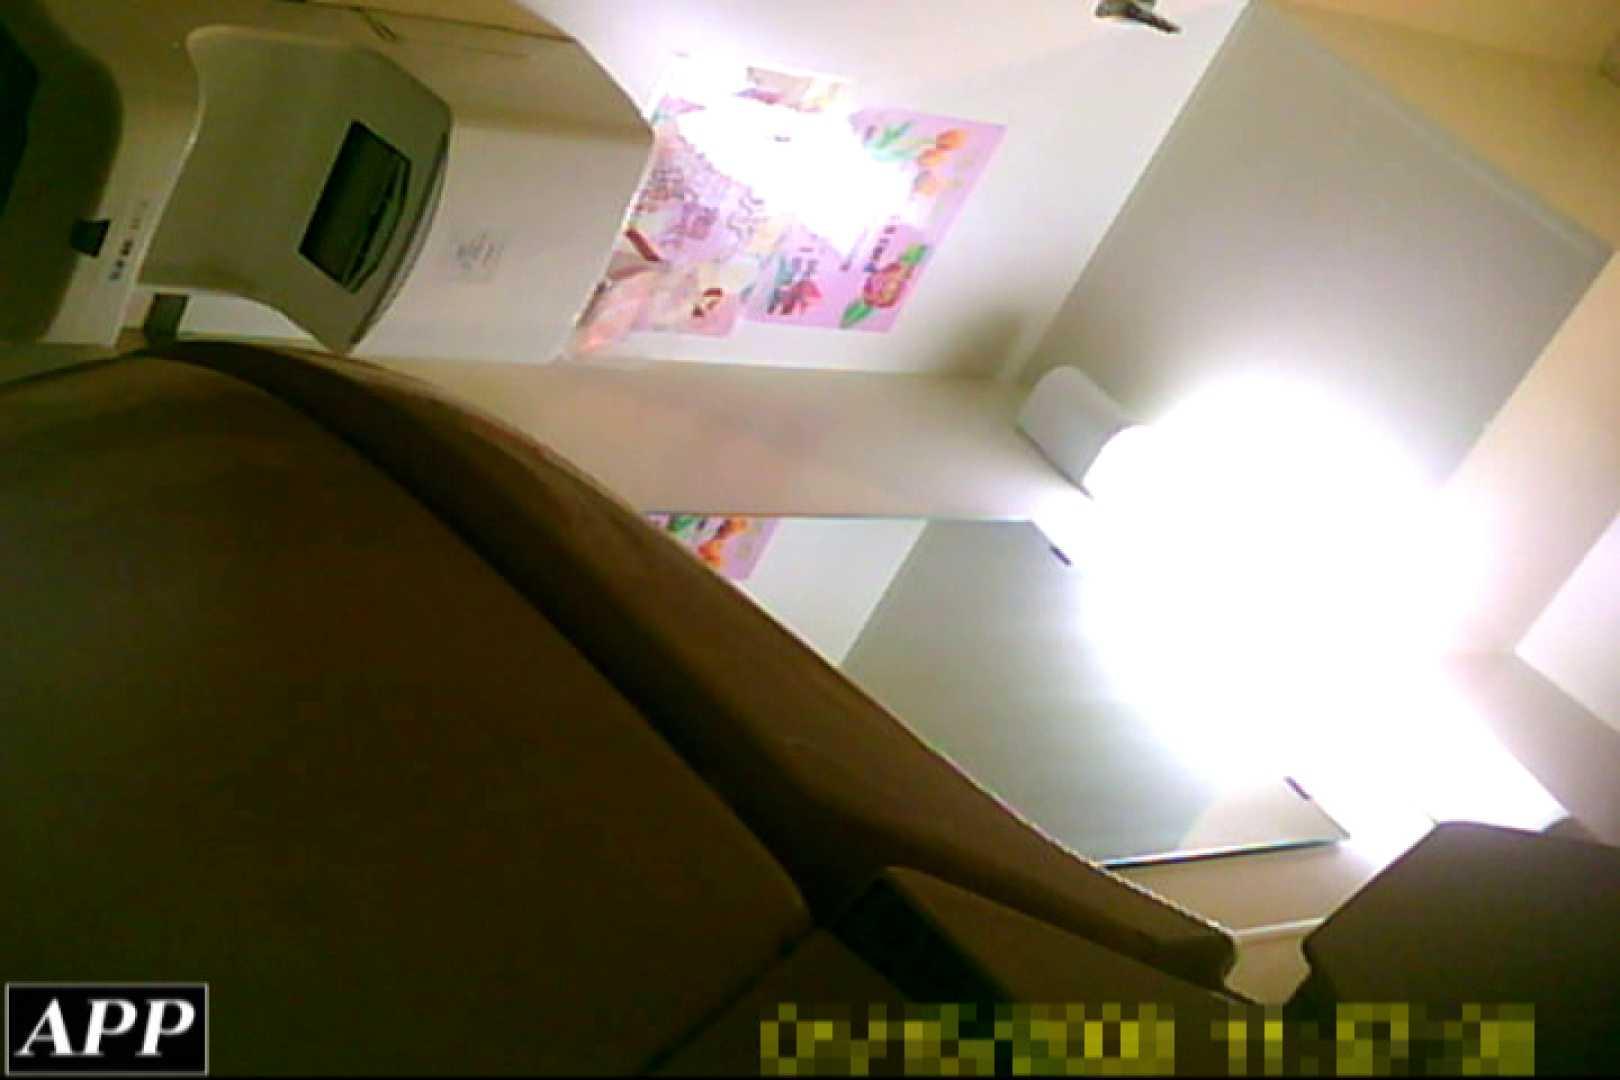 3視点洗面所 vol.125 お姉さん達のオマンコ オメコ動画キャプチャ 62連発 62